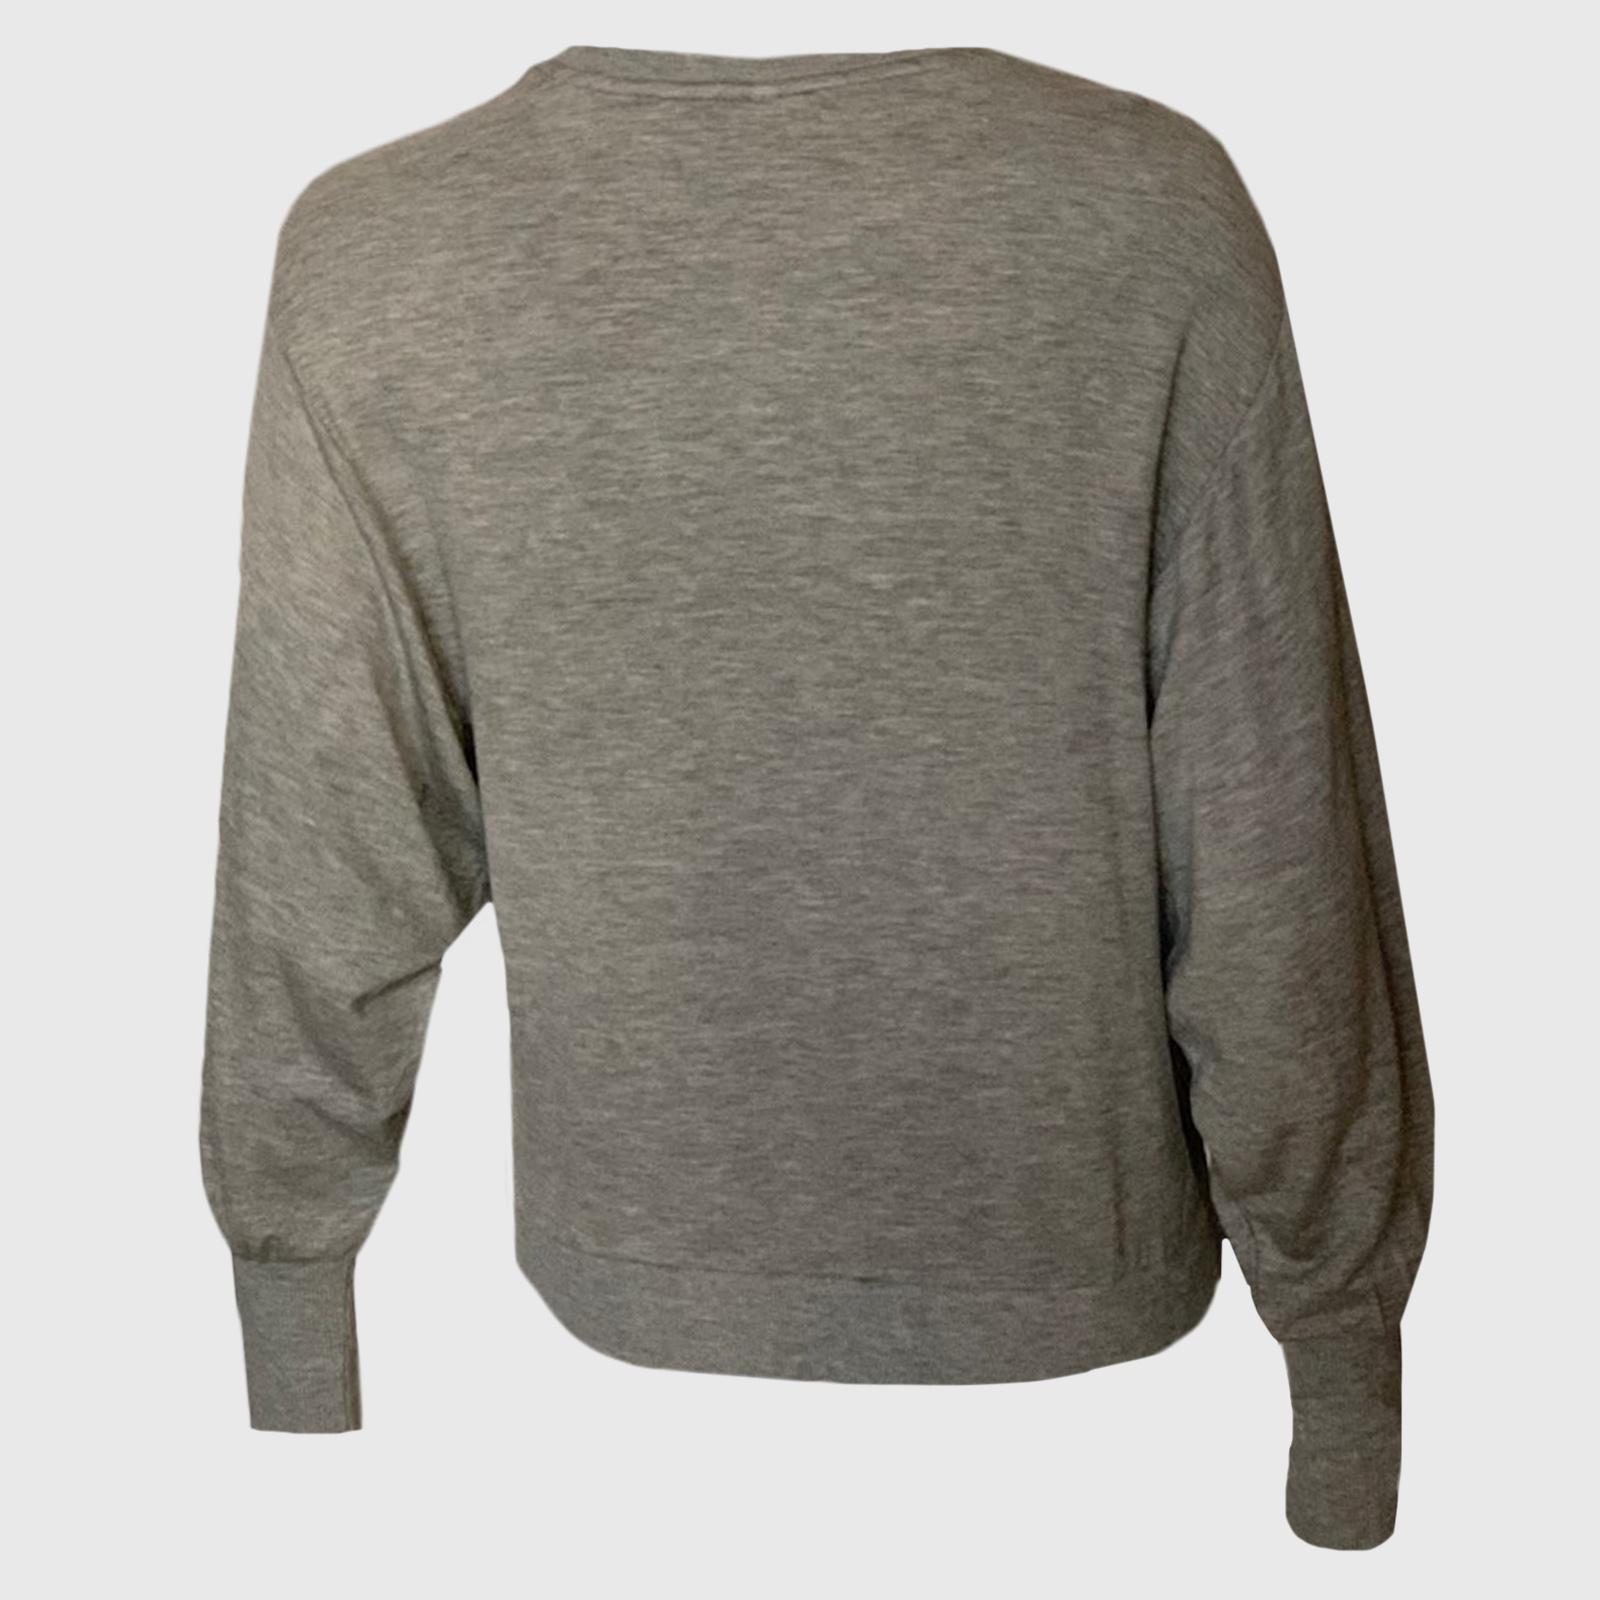 Продажа женской фирменной одежды Z Supply: регланы, туники, кофты